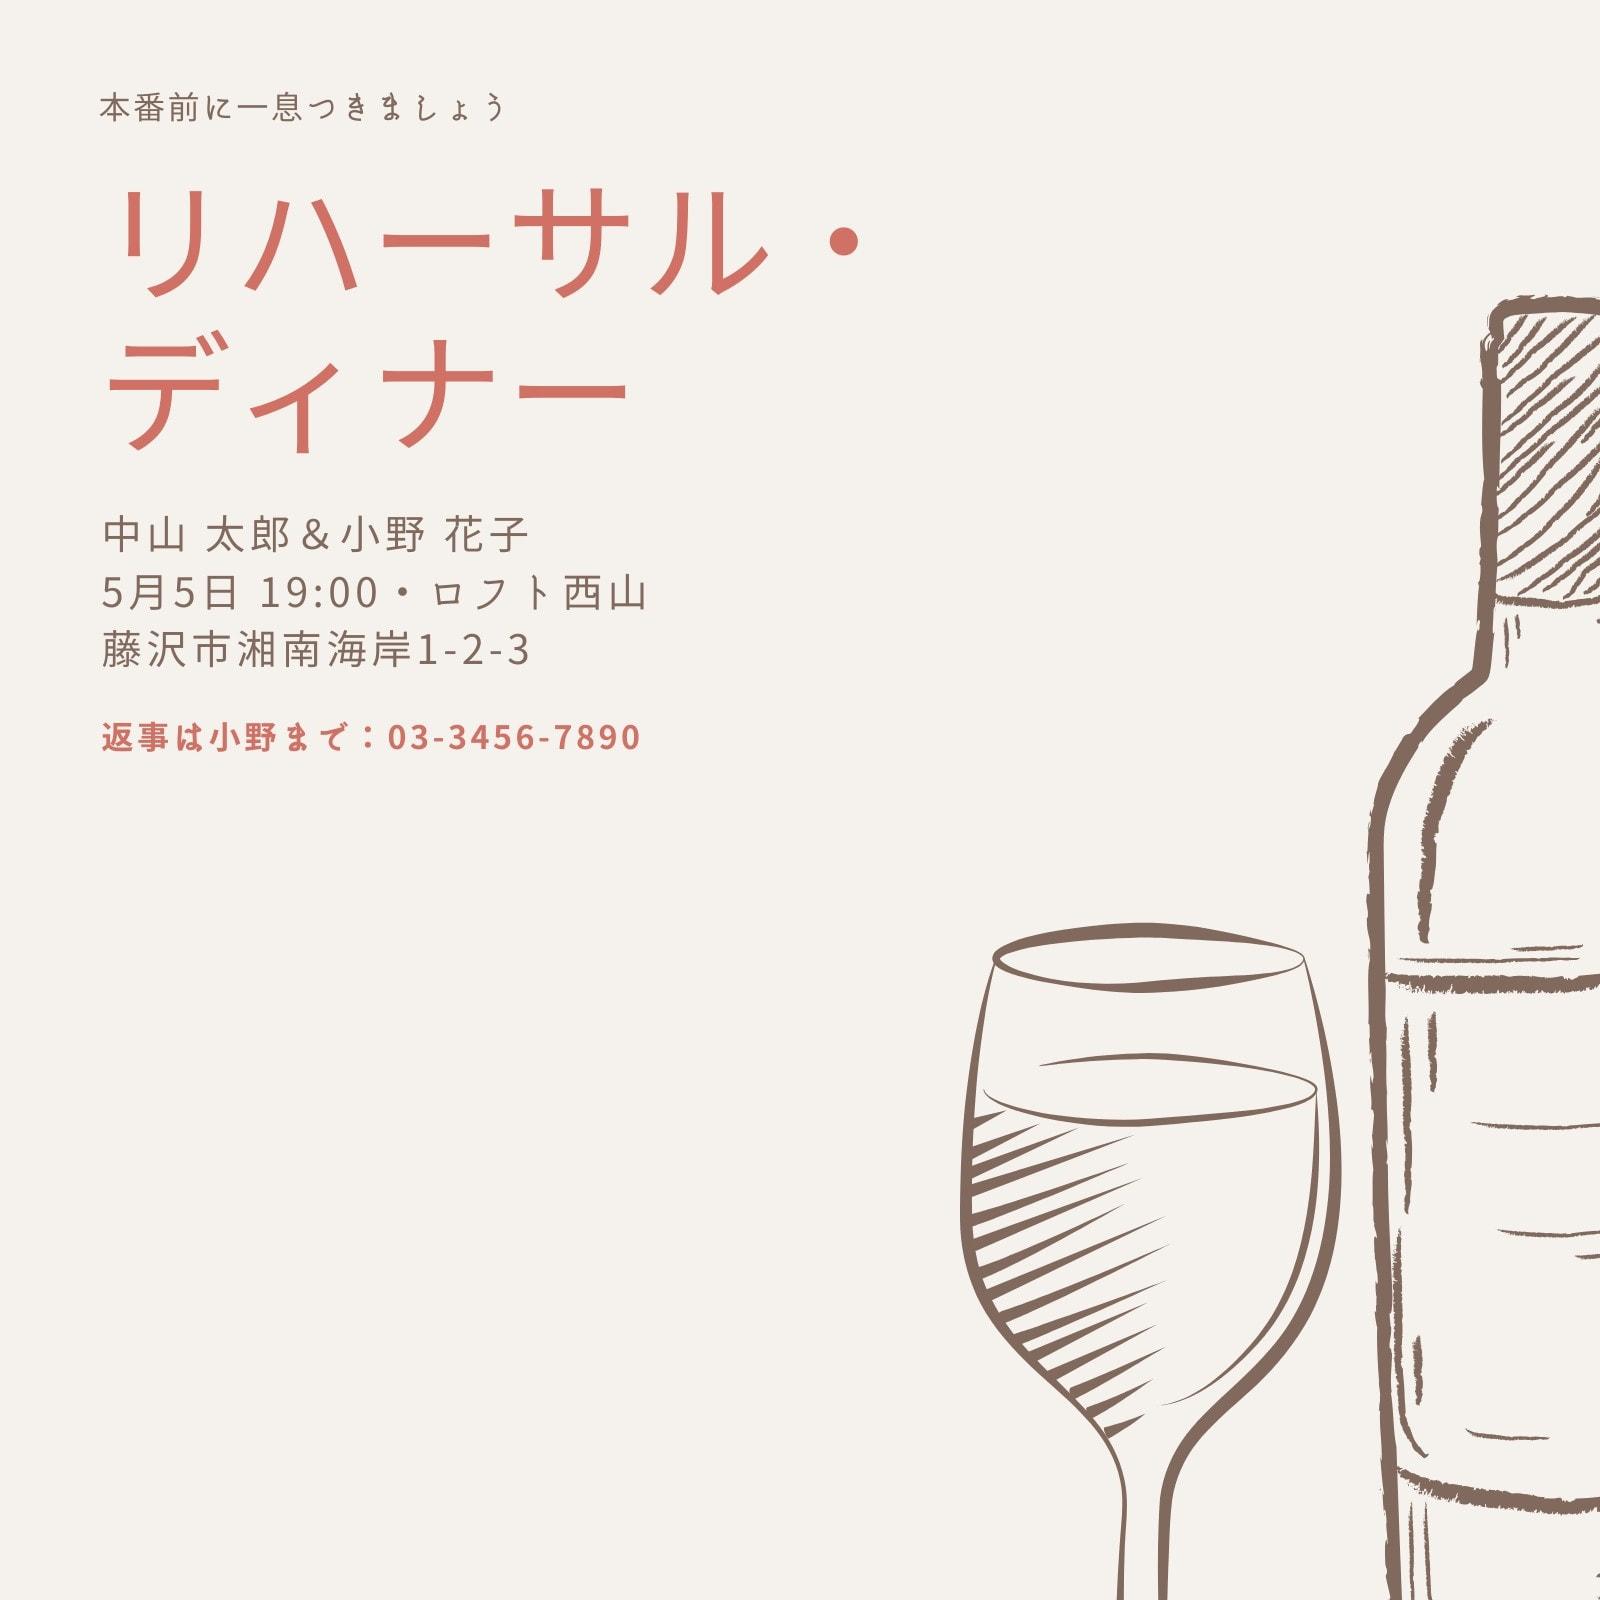 サーモン色、ワイングラス、リハーサルディナー、招待状